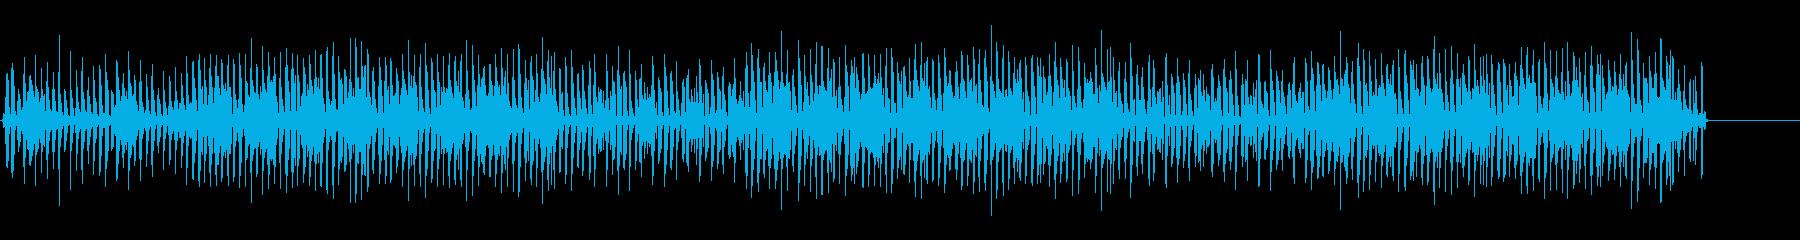 軽やかな口笛とウクレレがメインのCM曲の再生済みの波形